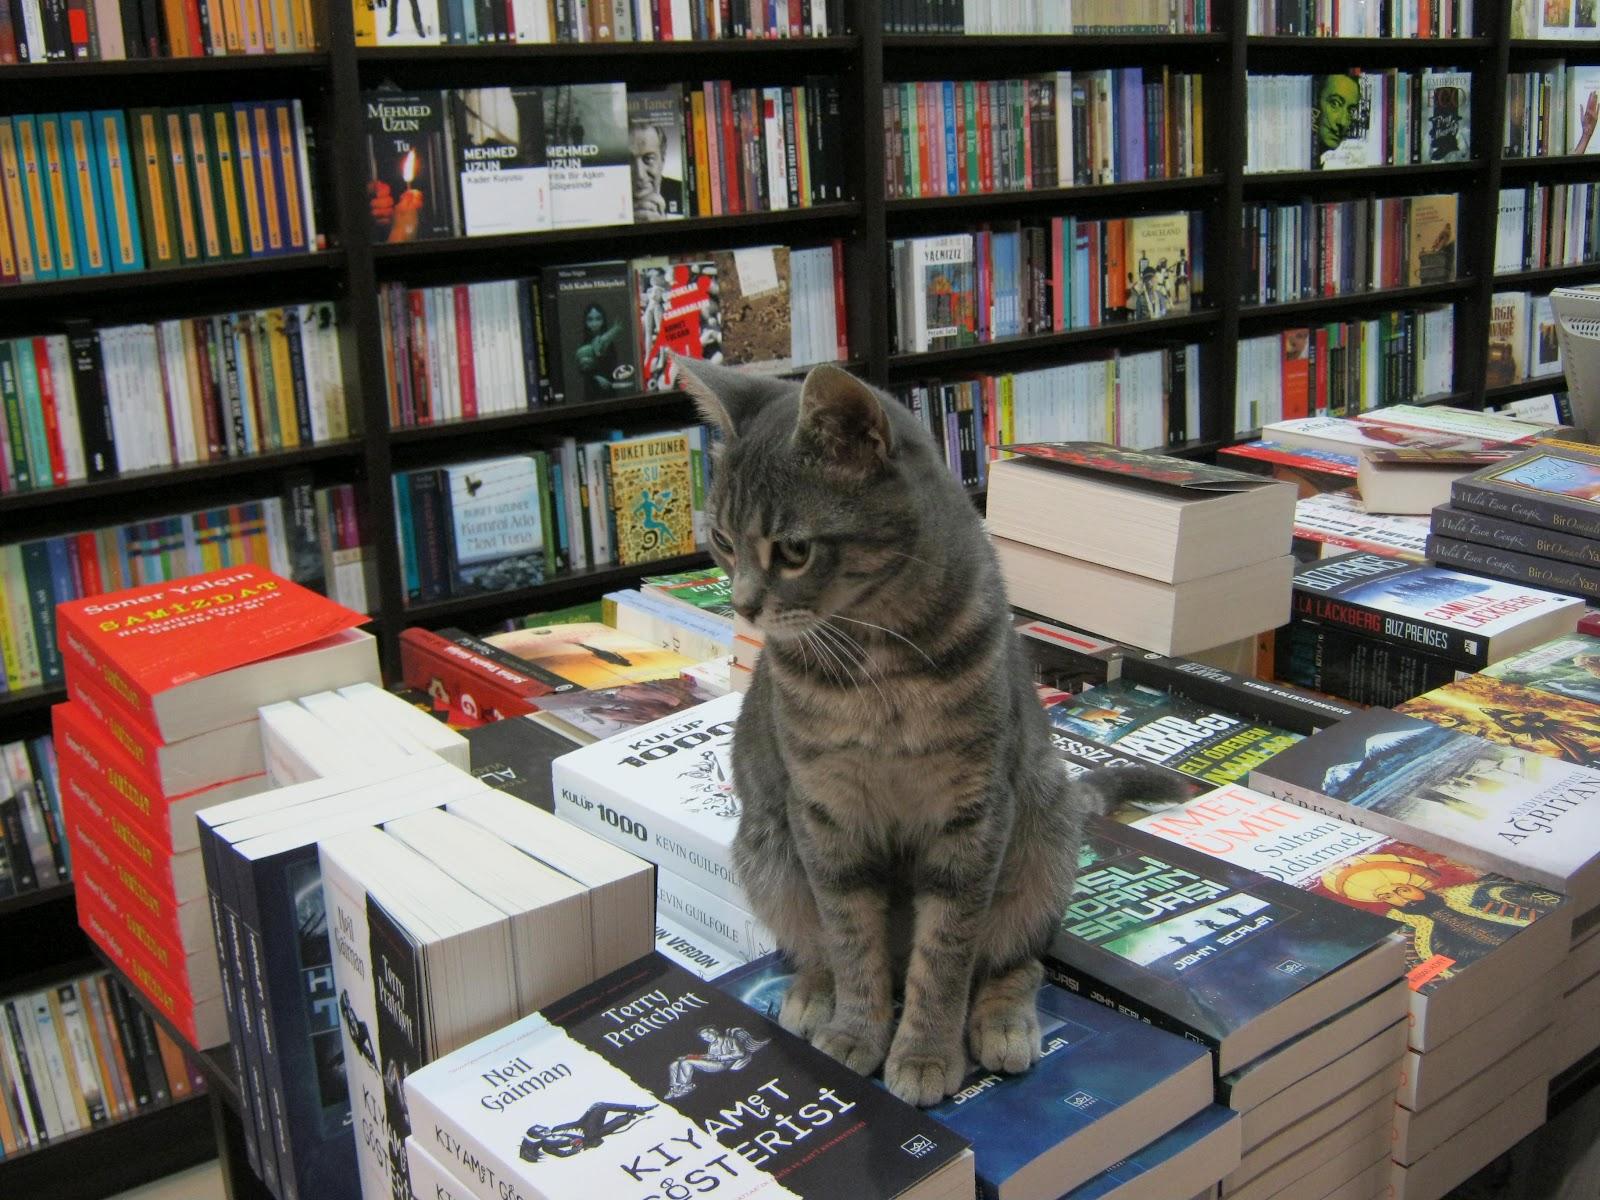 Культурный кот среди книг